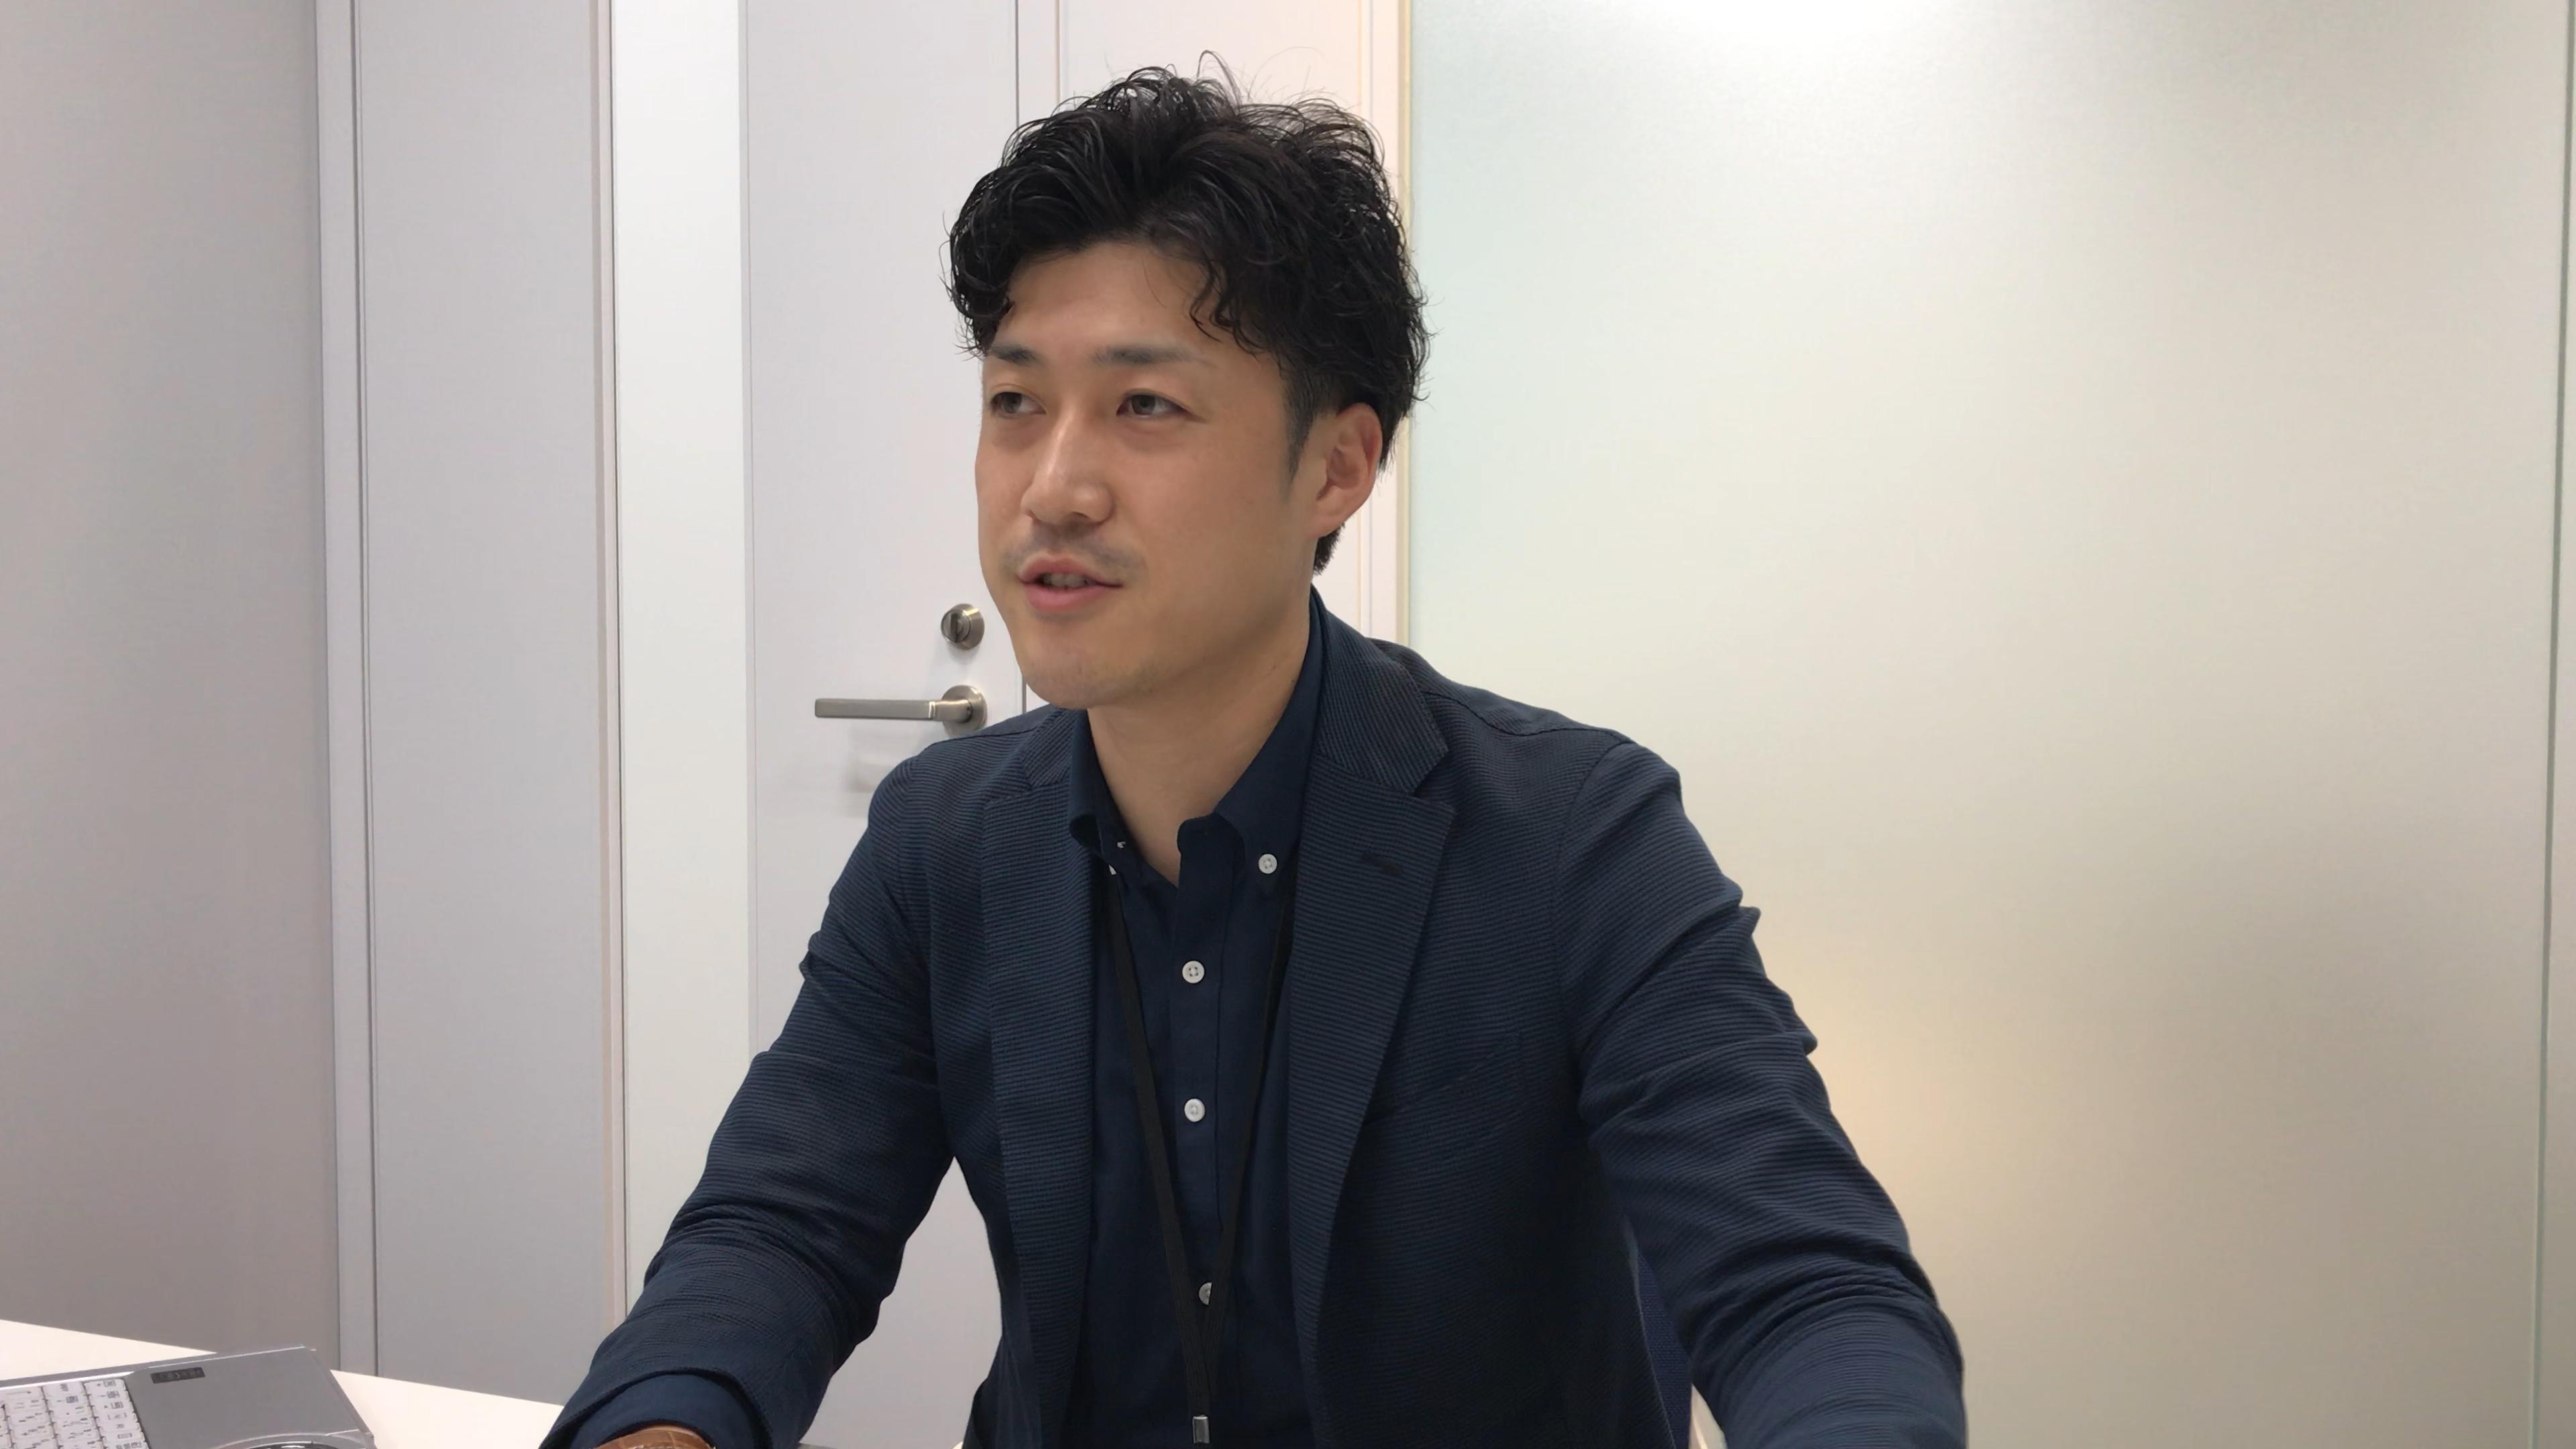 グルメサービス大手ぐるなび福岡支社長の語るこれからの働き方、「どうやったらマインド」自律し真のニーズをとらえる。